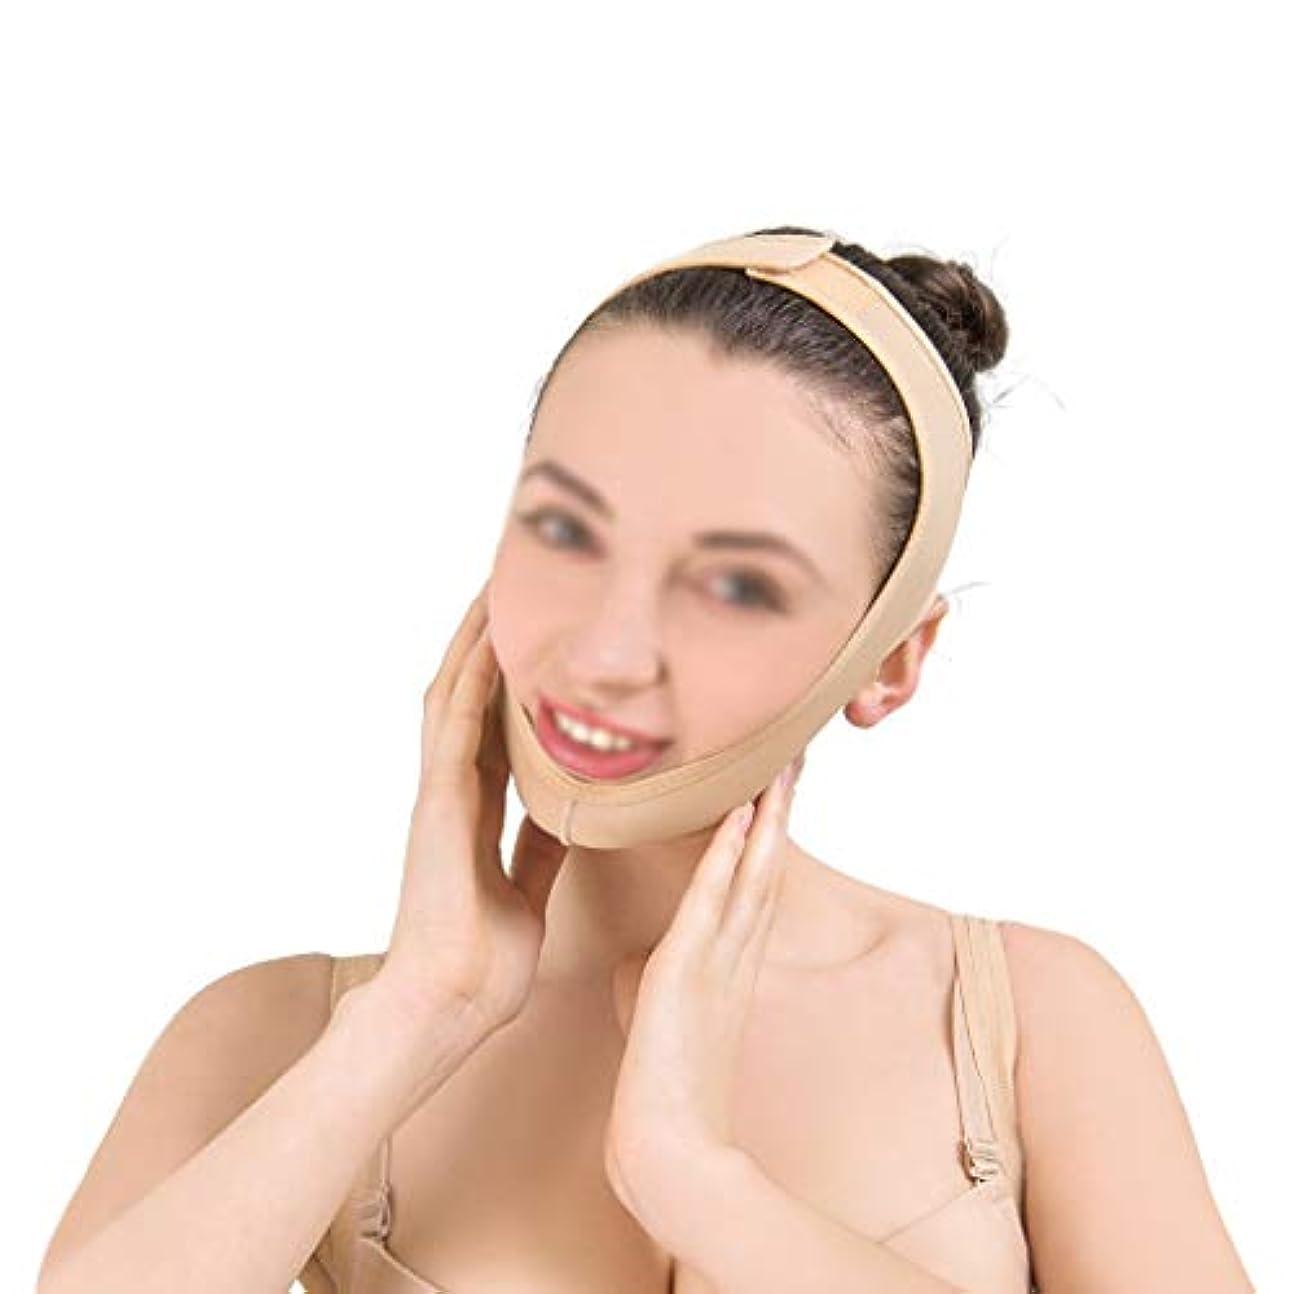 ほかにウルルお茶XHLMRMJ フェイスシェイピングベルト、肌の包帯の持ち上げと締め付け、フェイスベルトの持ち上げ、快適で通気性のあるフェイシャルリフティングマスク (Size : XL)